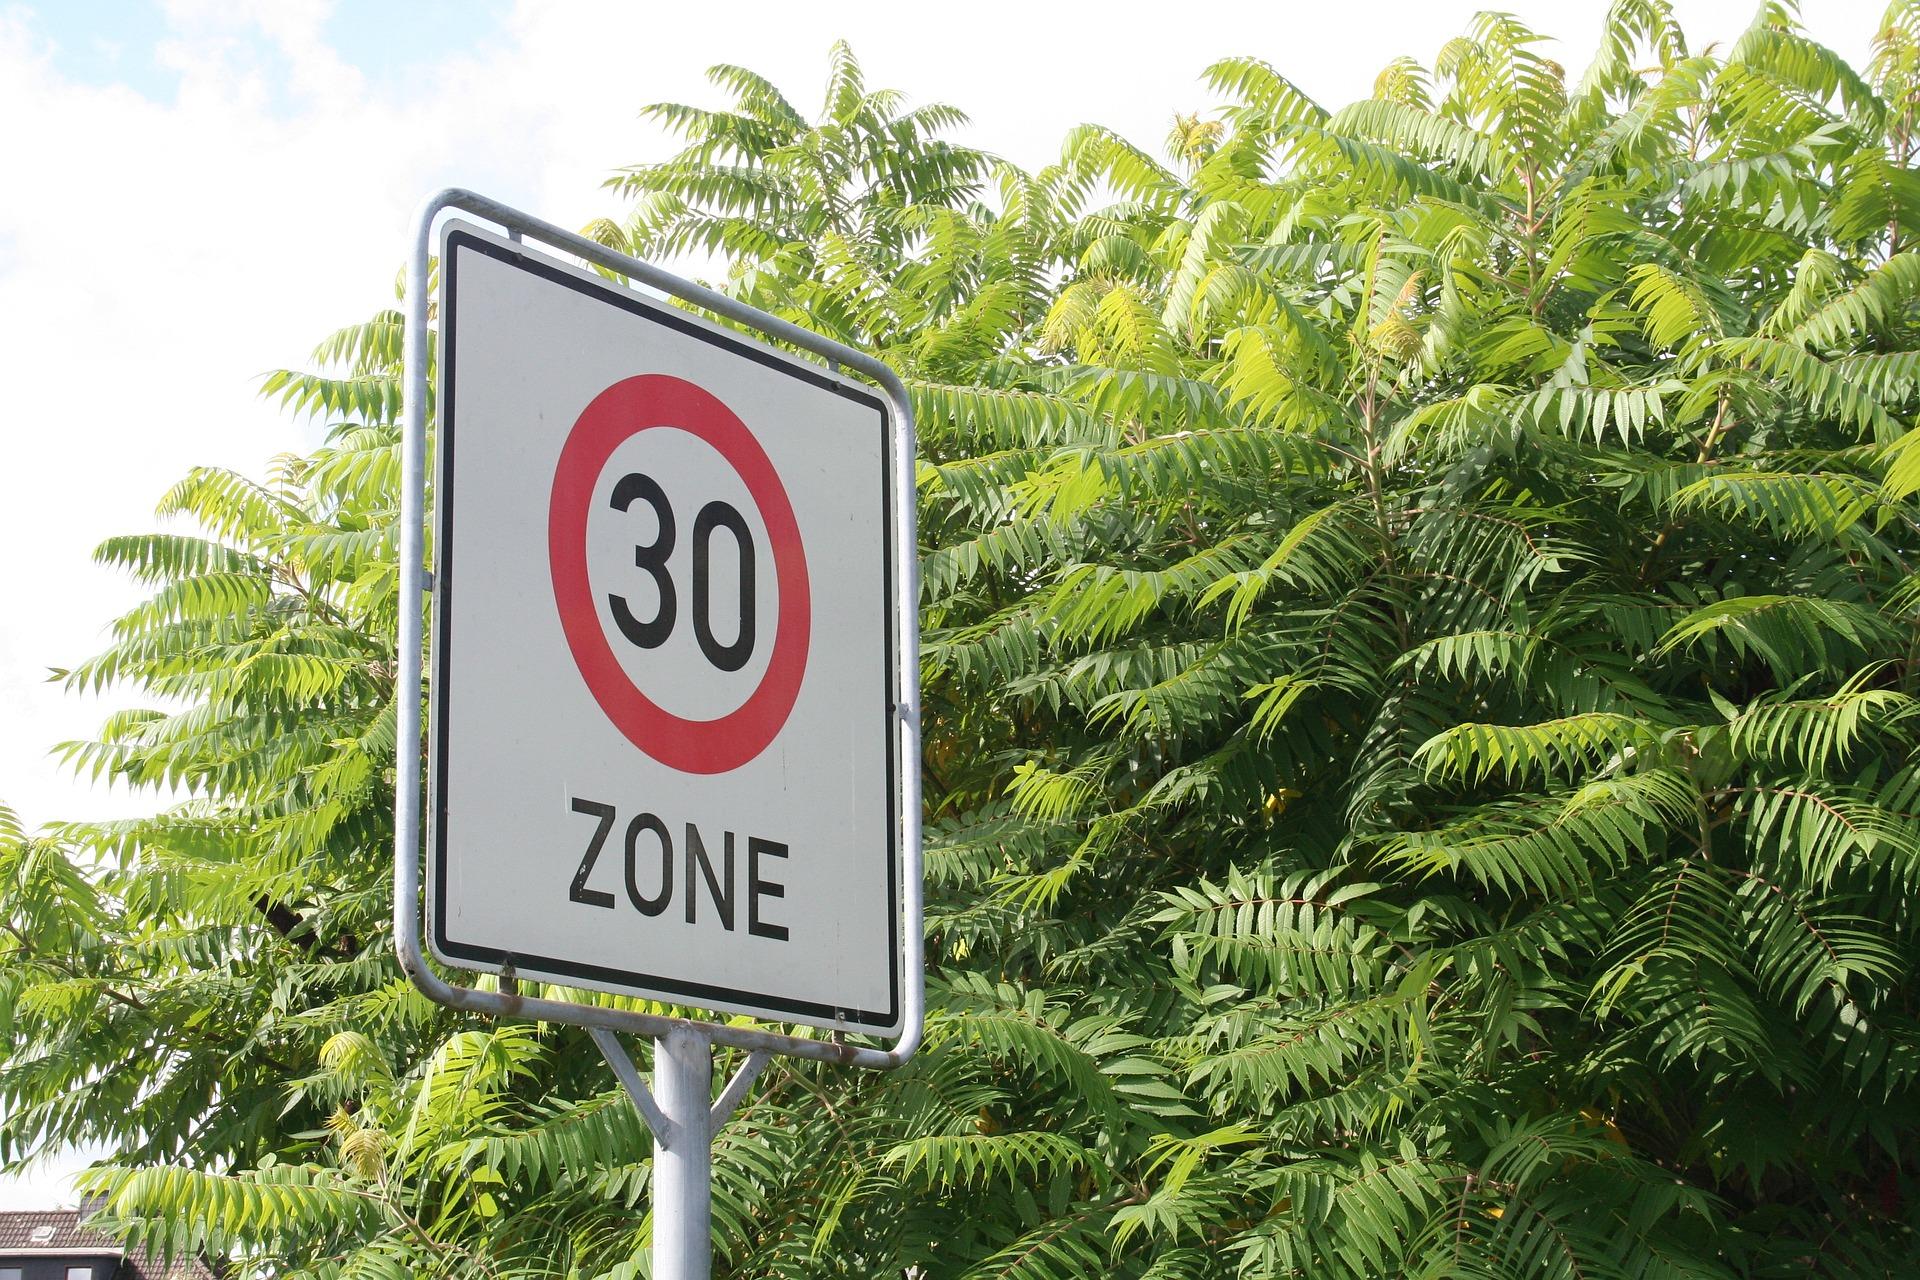 In 30er Zone Mit 40 Geblitzt